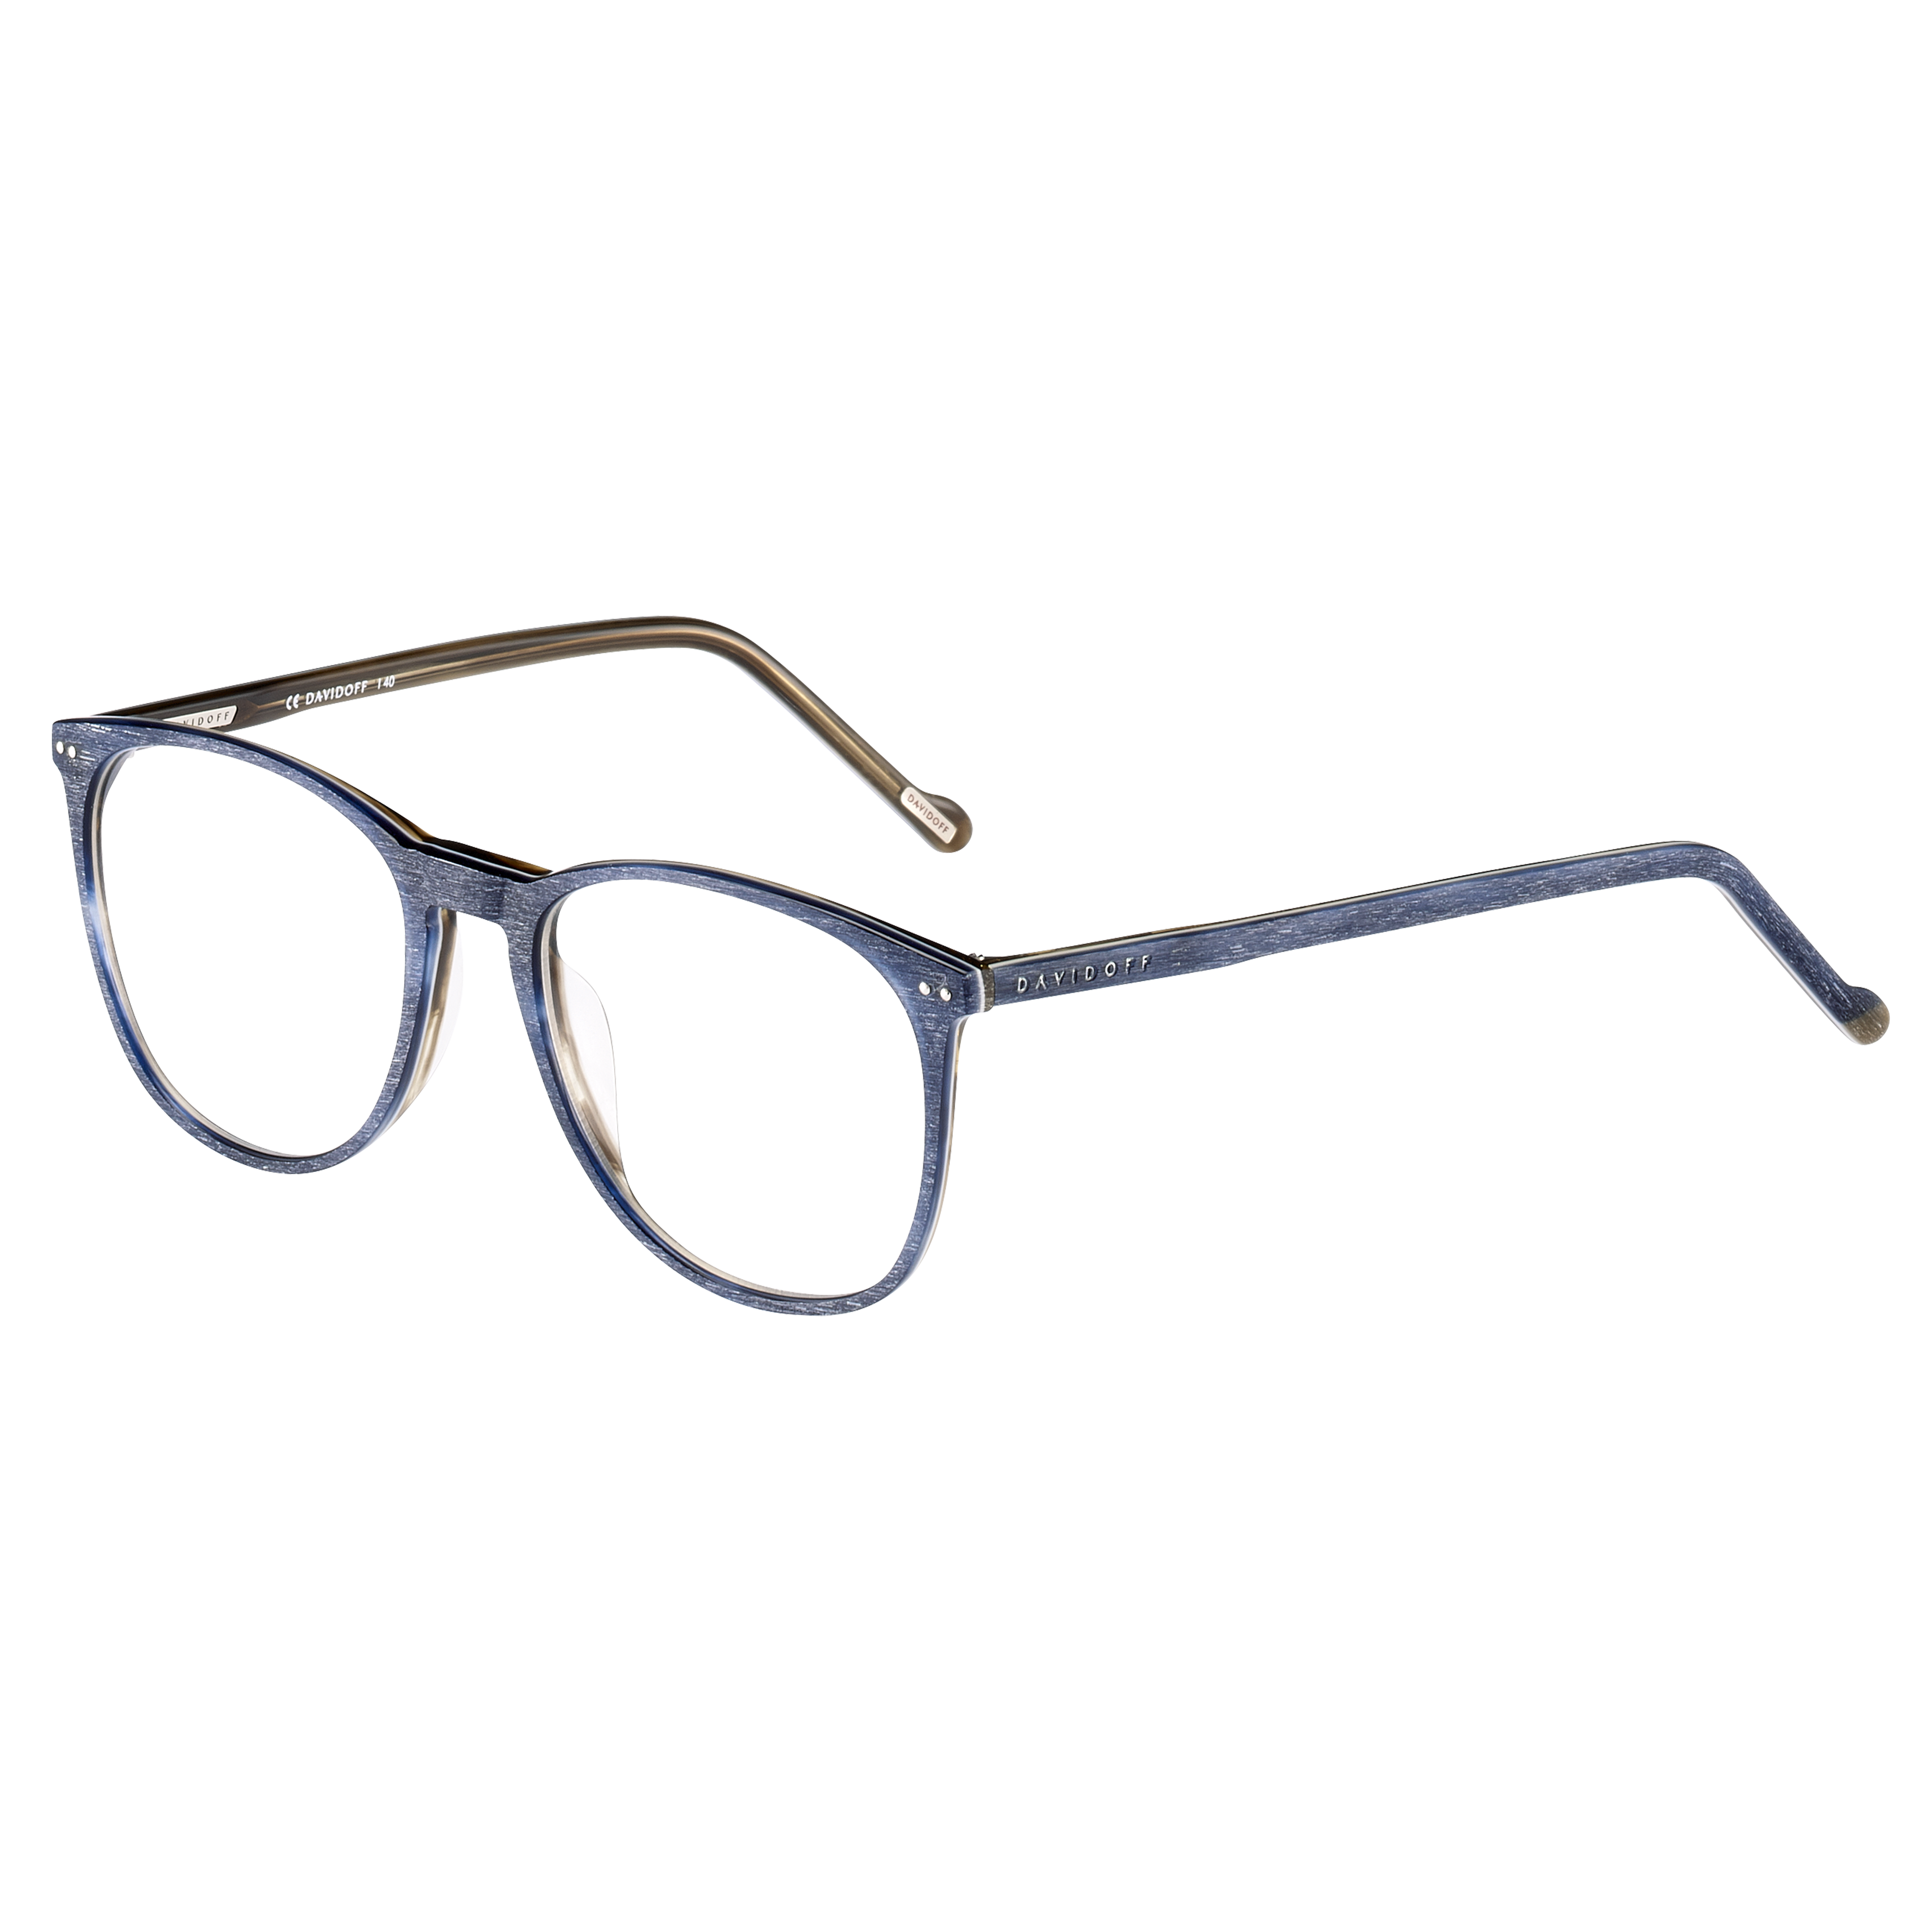 Optical frame – Mod. 91073 color ref. 4522